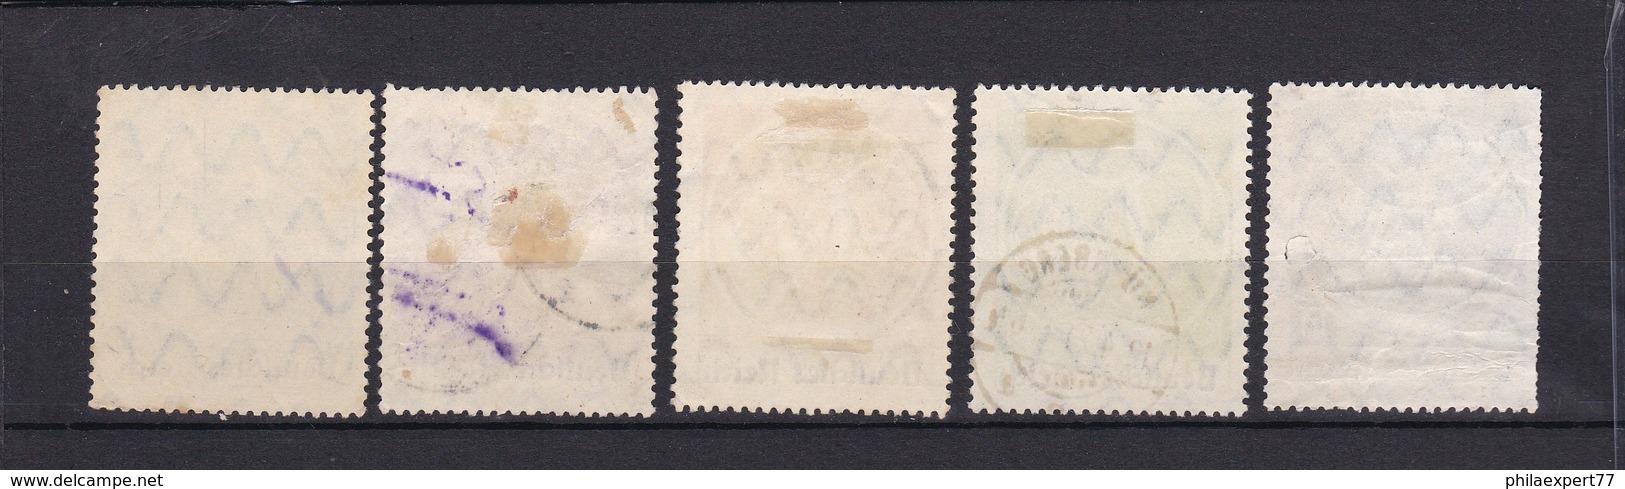 Deutsches Reich - 1920/21 - Michel Nr. 134/138  - Gest. - 73 Euro - Allemagne